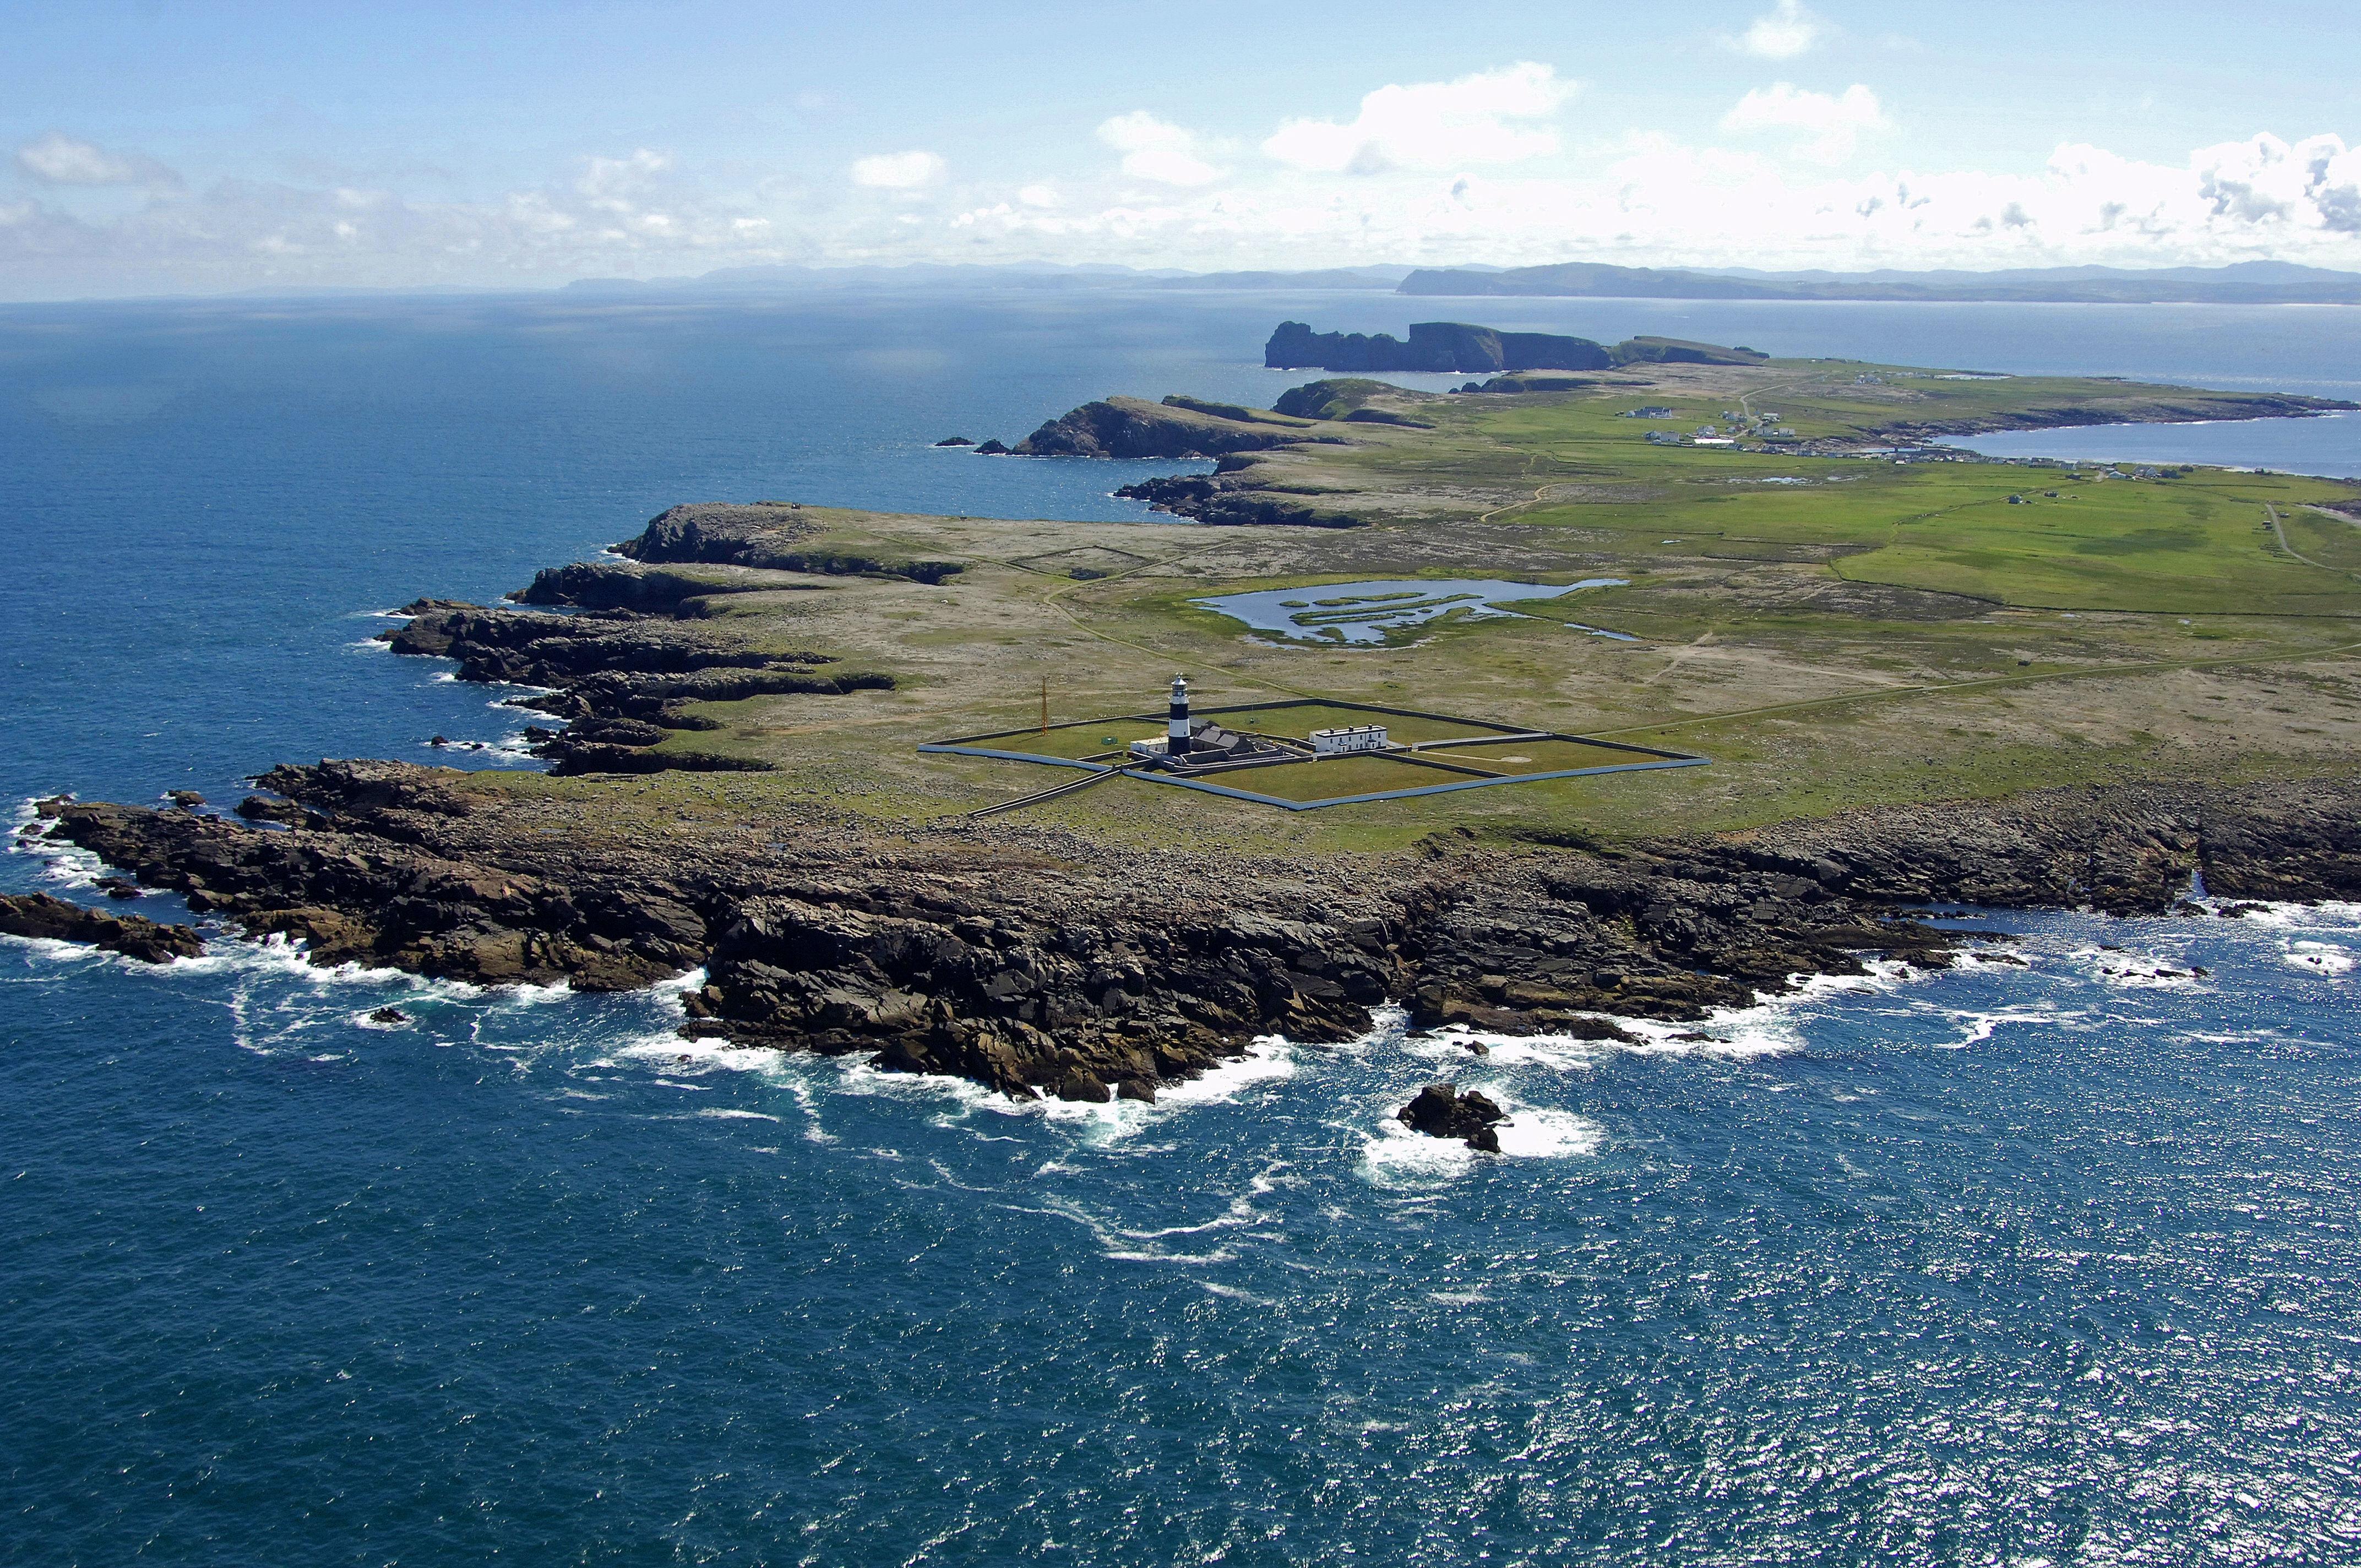 Tory Island Light Lighthouse In Near Magheroarty Western